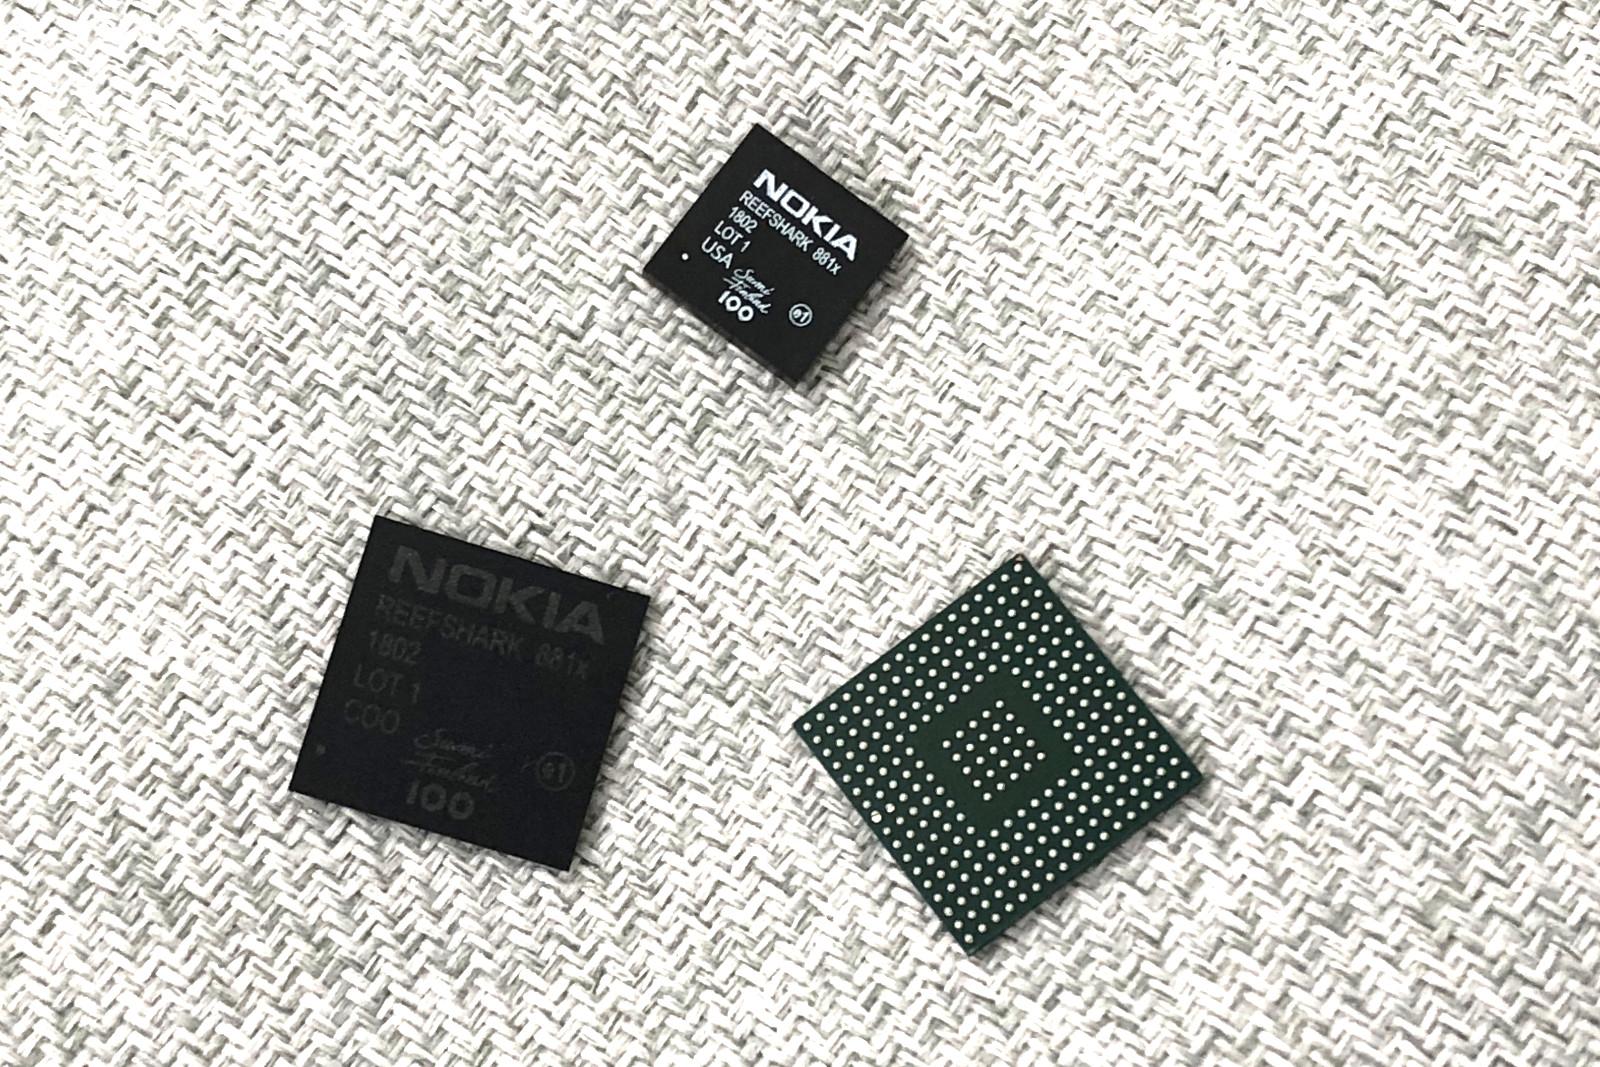 노키아의 리프샤크, 손톱만한 칩 안에 여러 장비들의 기능들을 품은 통합 프로세서다.- 최호섭